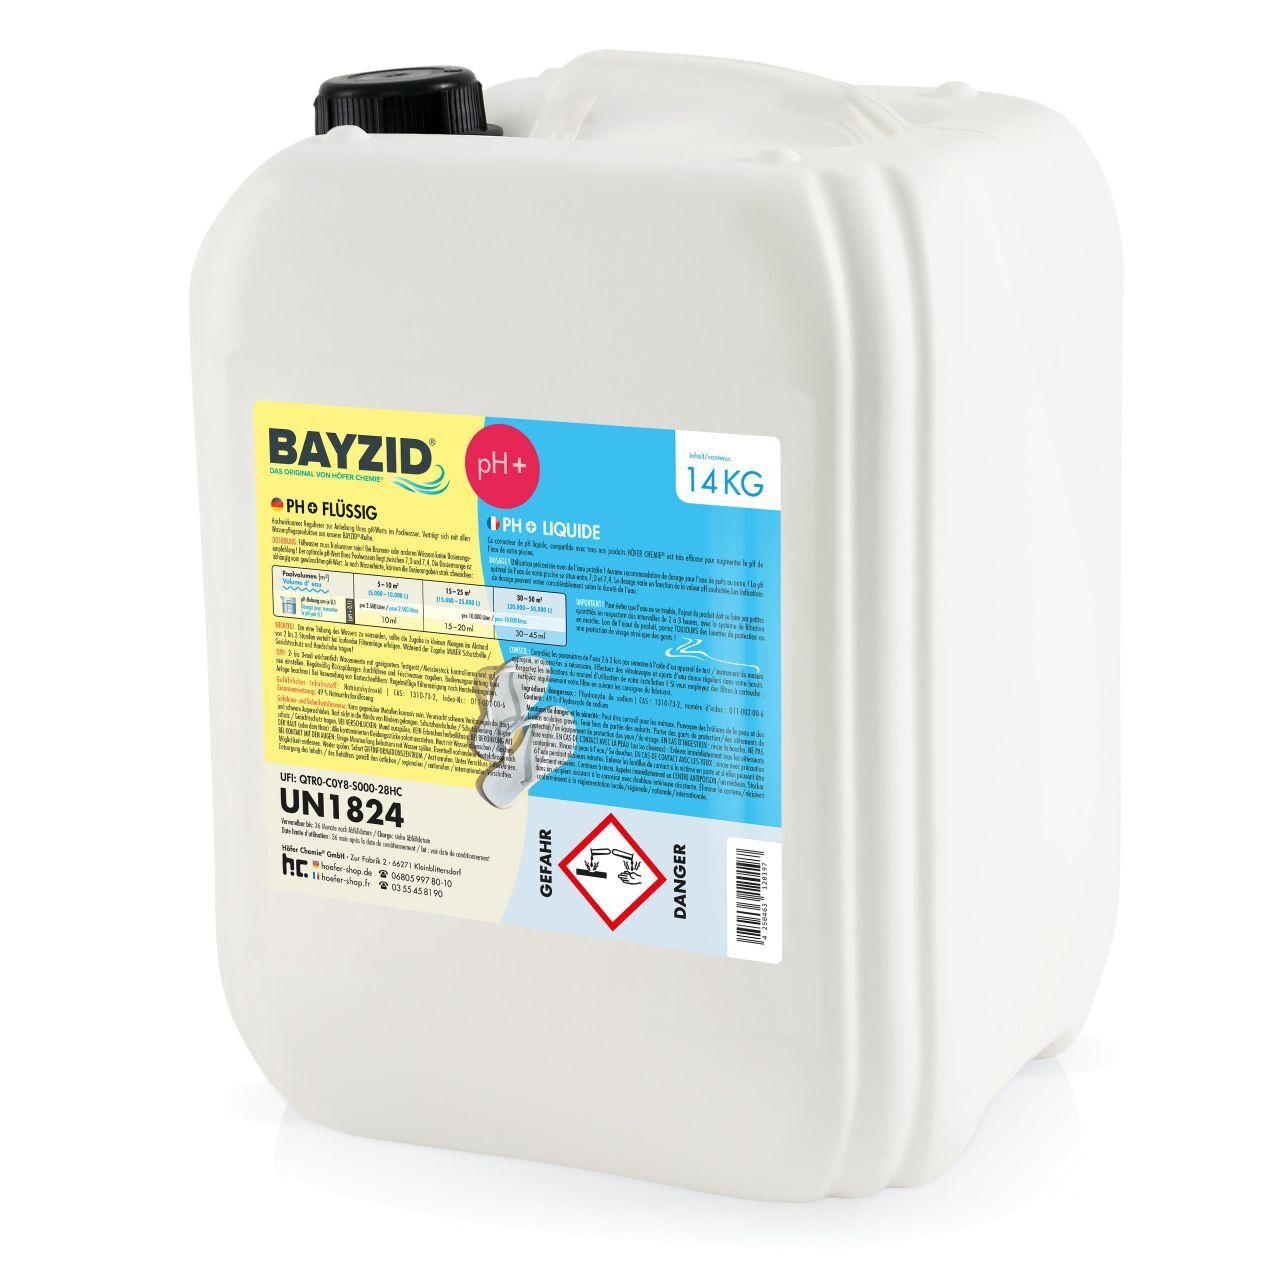 BAYZID 14 kg Bayzid® pH plus liquide (1 x 14 kg)